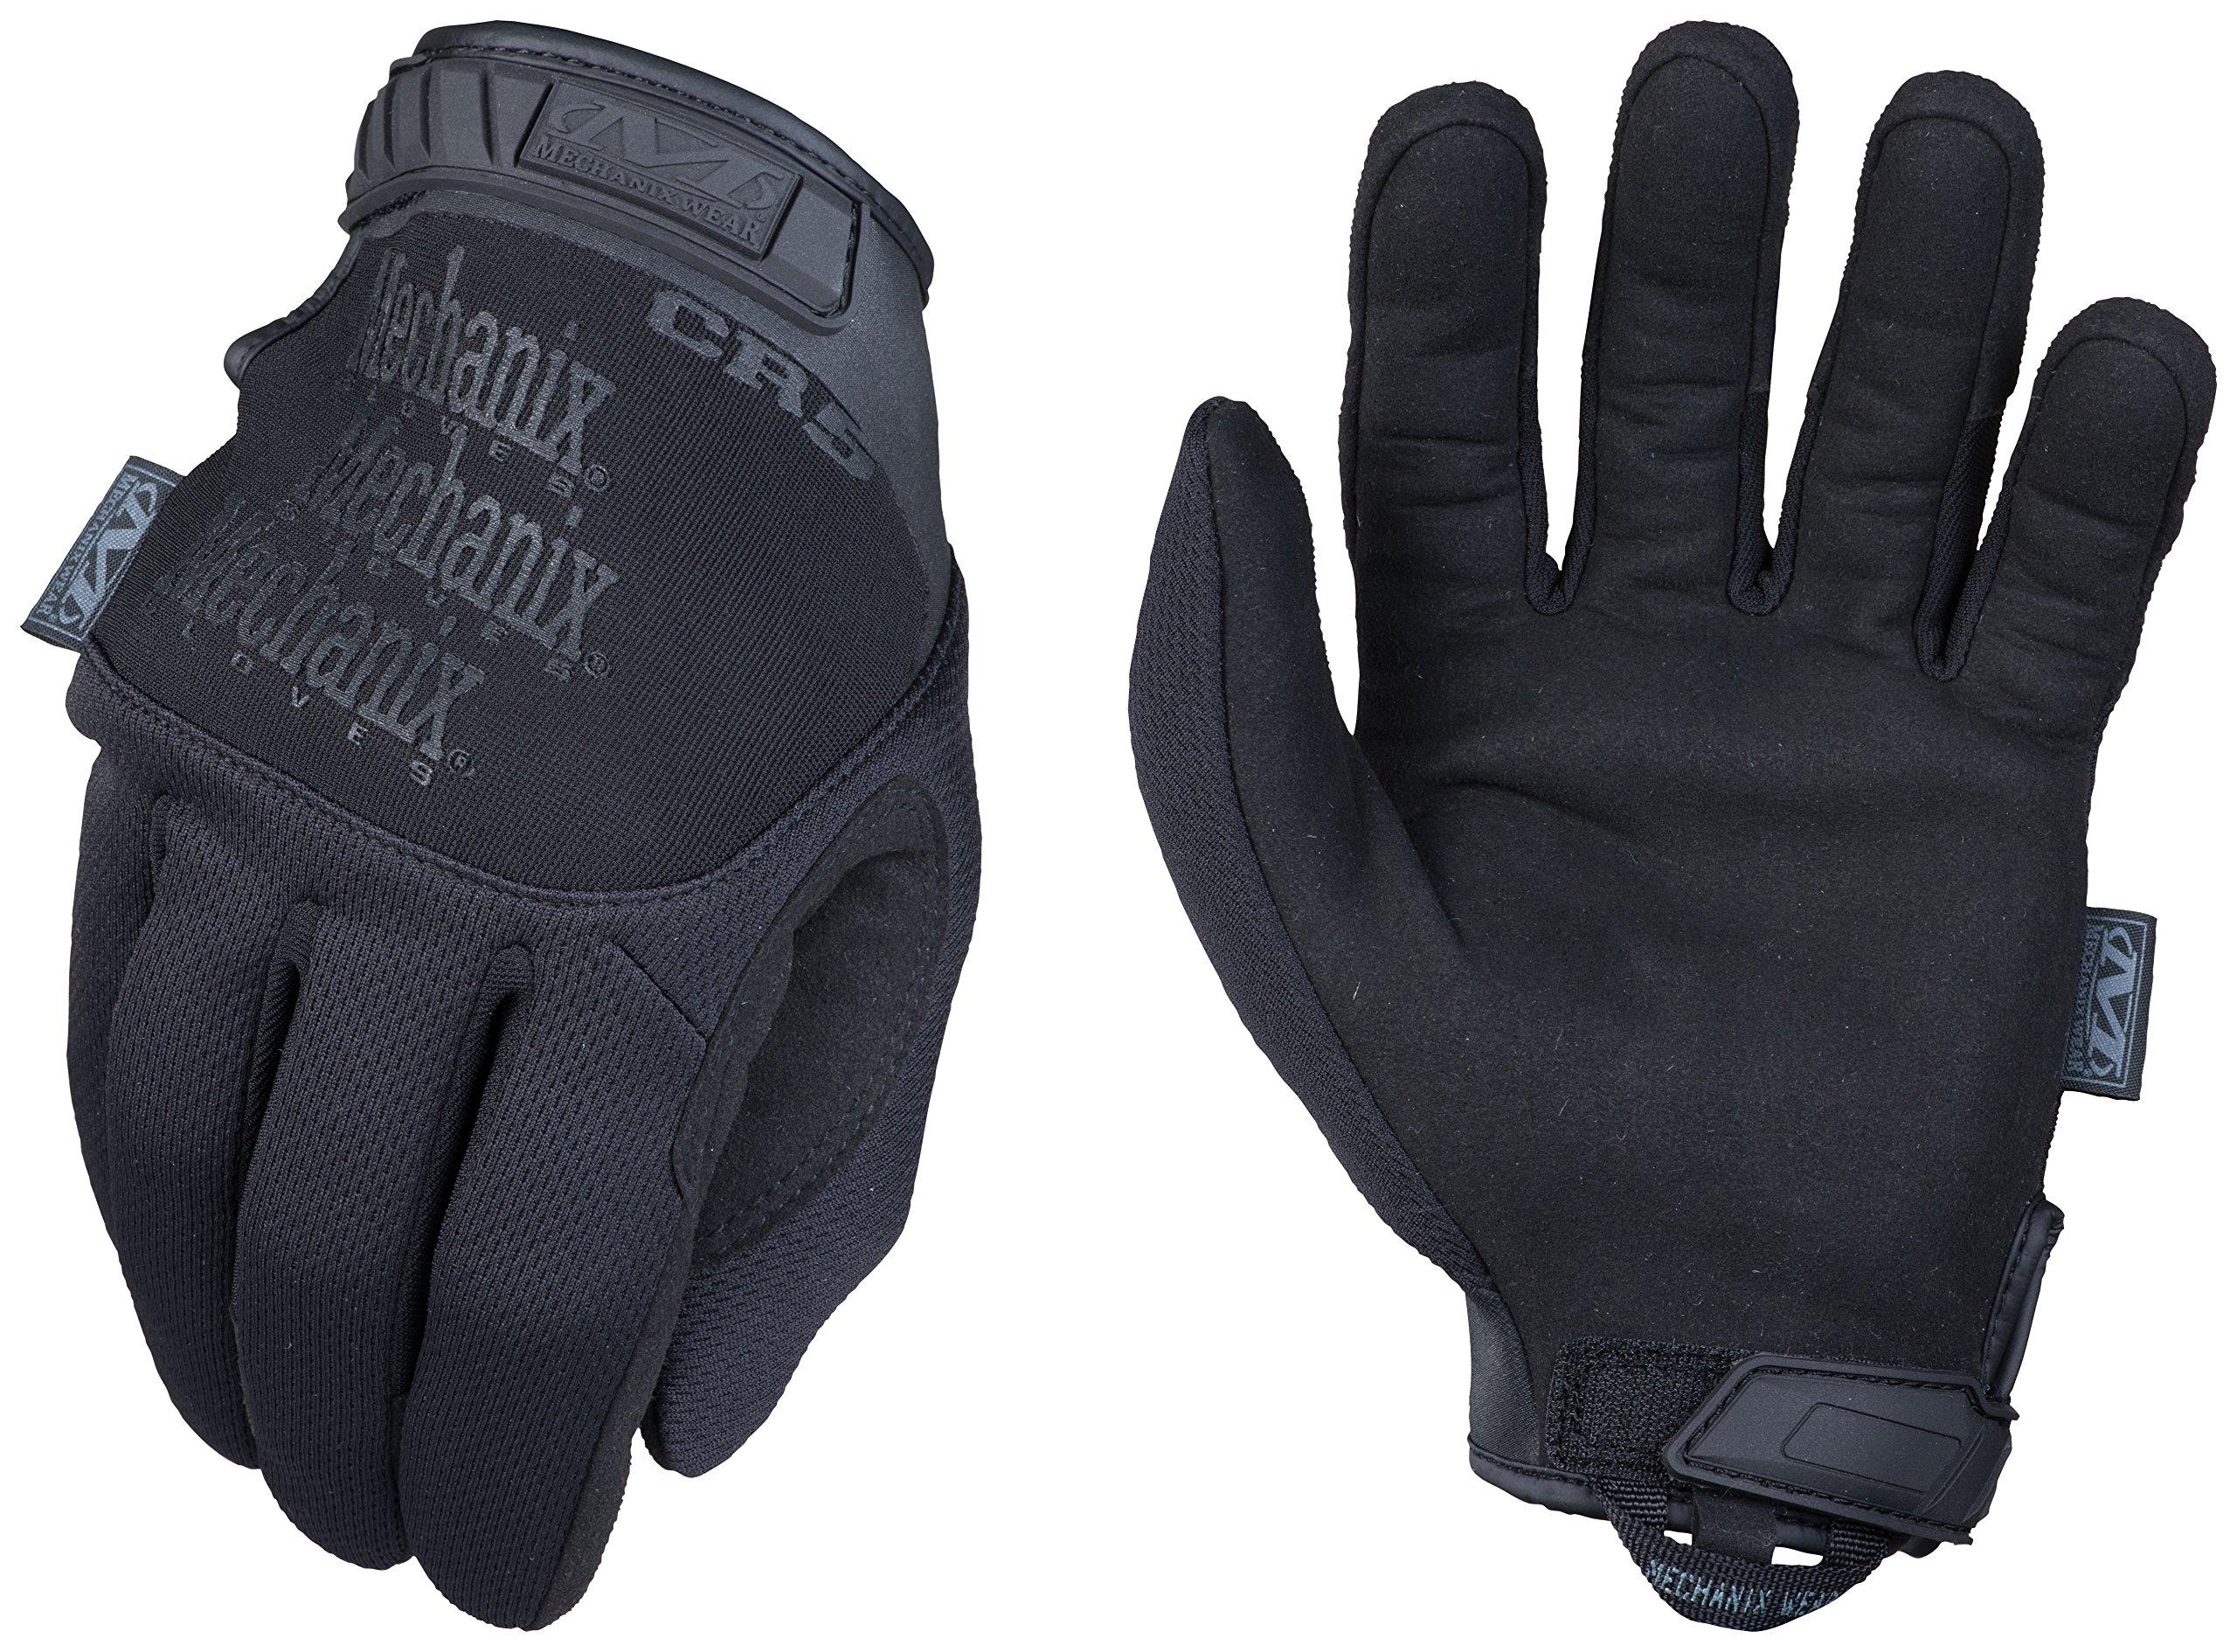 Mechanix Wear - Tactical Specialty Pursuit CR5 Cut Resistant Gloves (Large, Black)